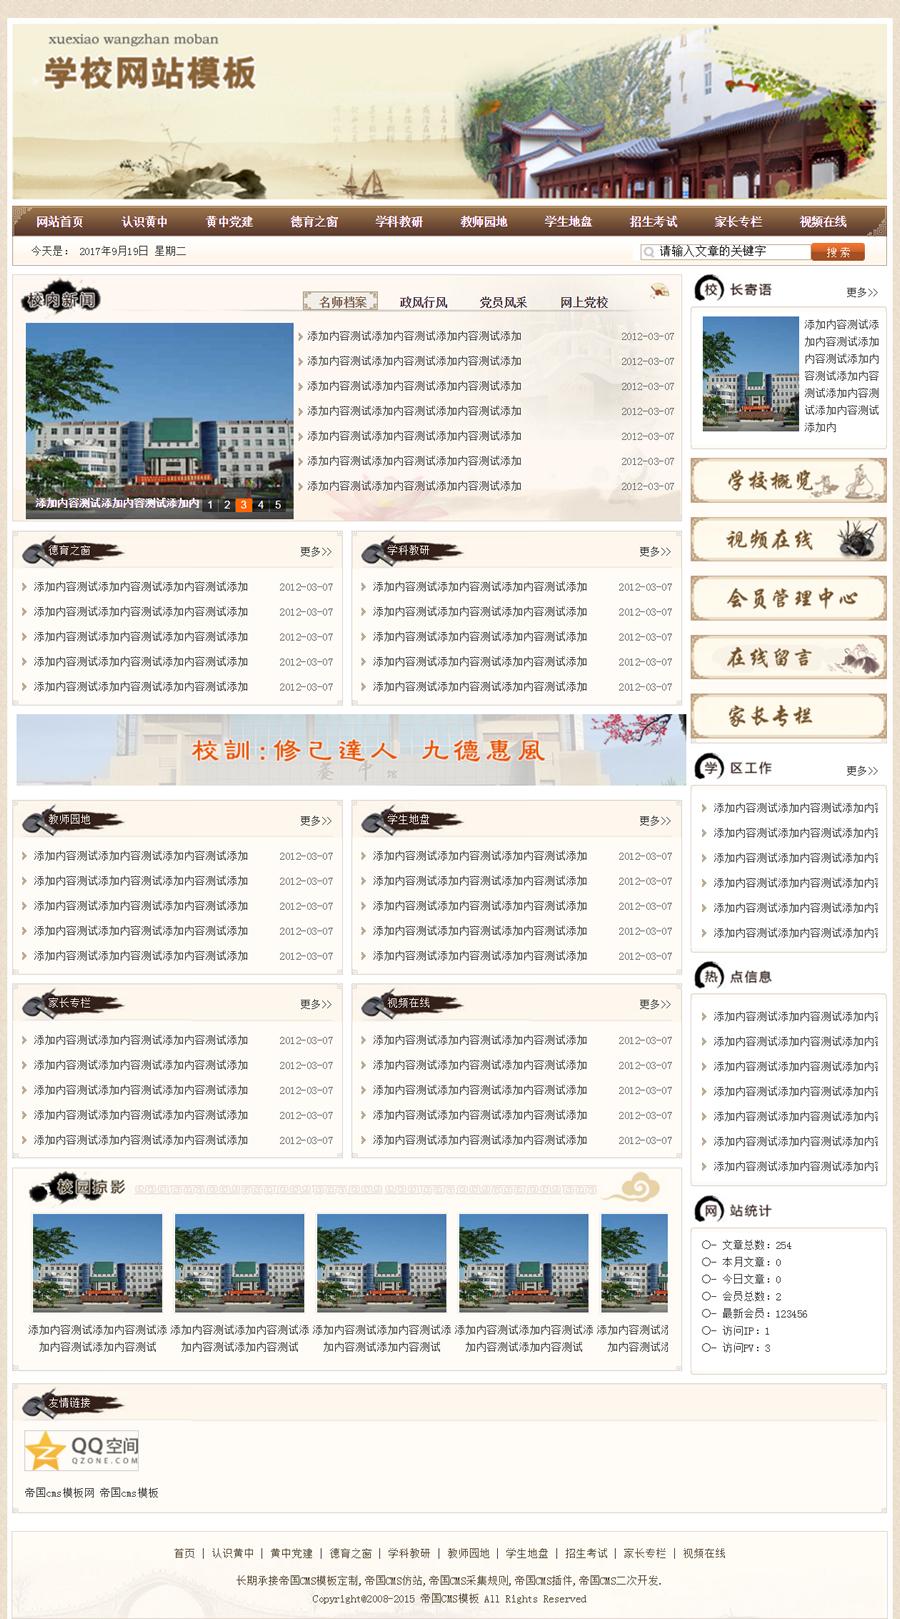 帝国cms典雅风格学校网站模板_首页